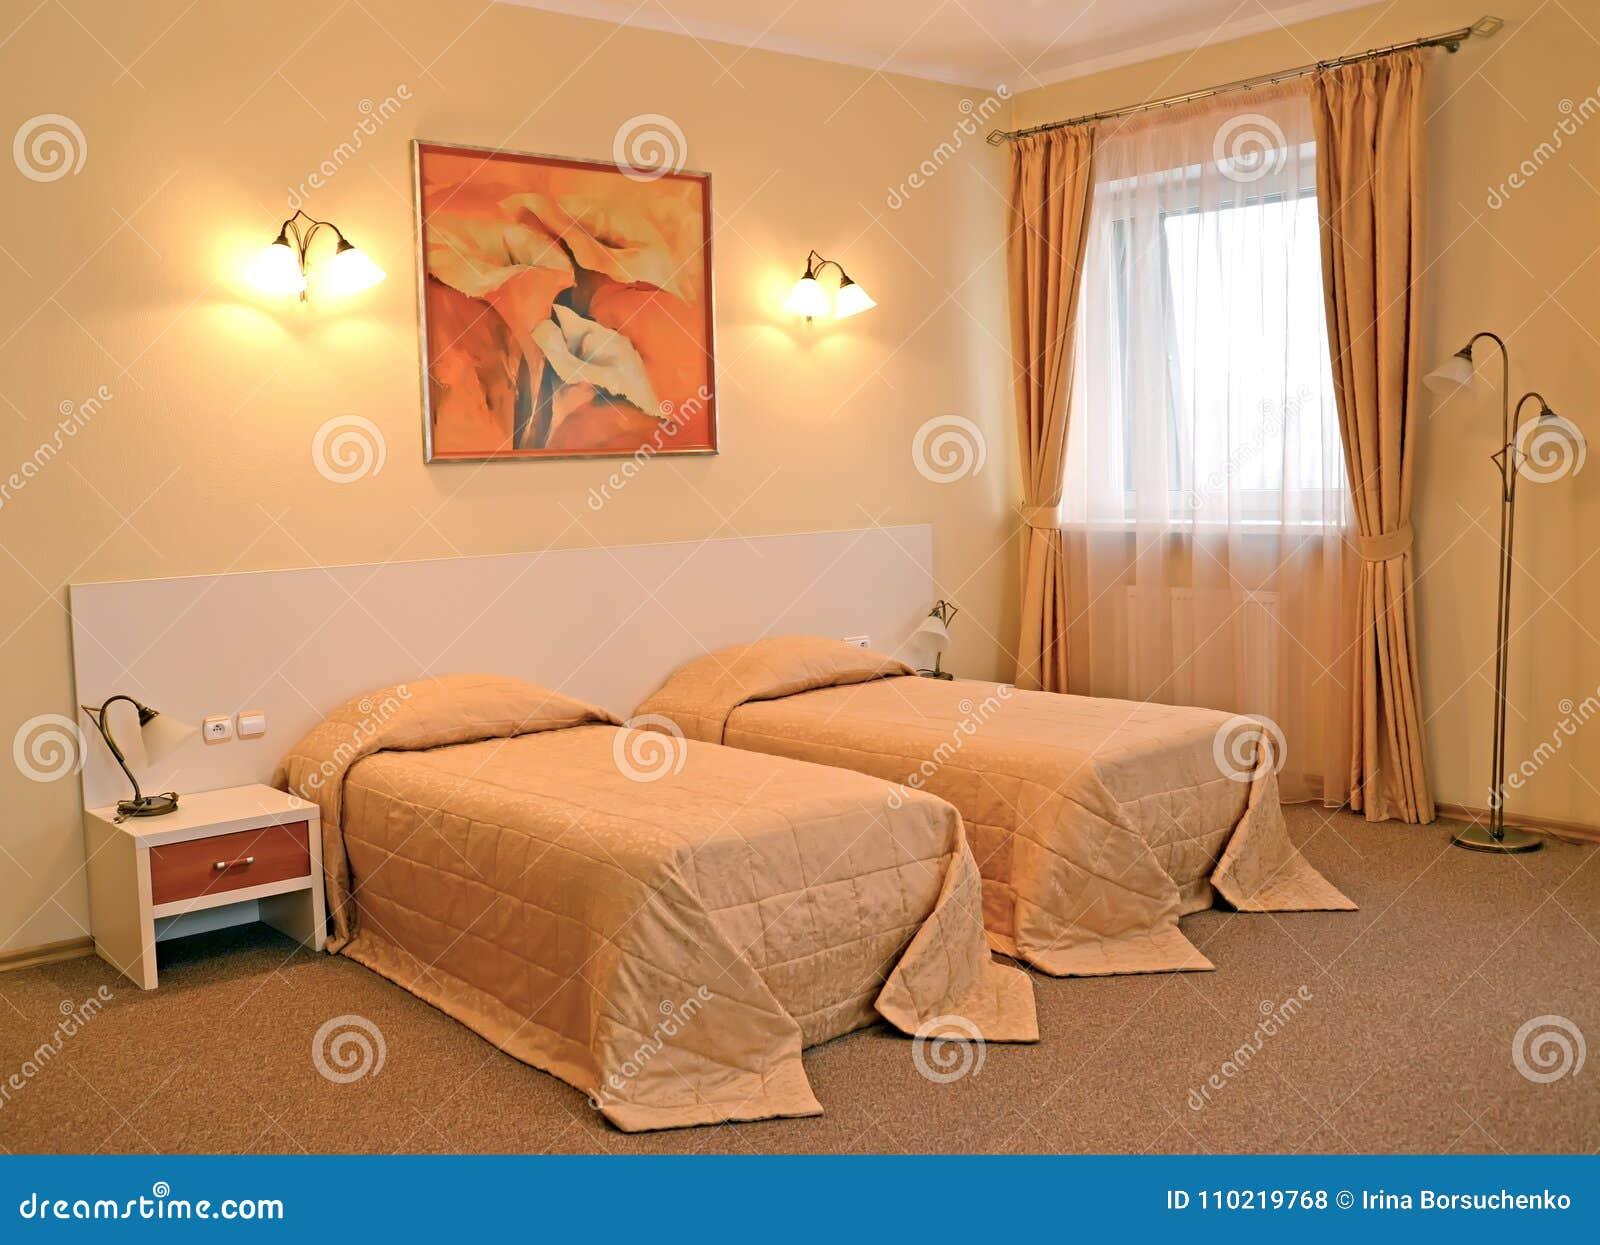 Un Intérieur De Chambre à Coucher Avec Deux Lits Dans Des Couleurs ...